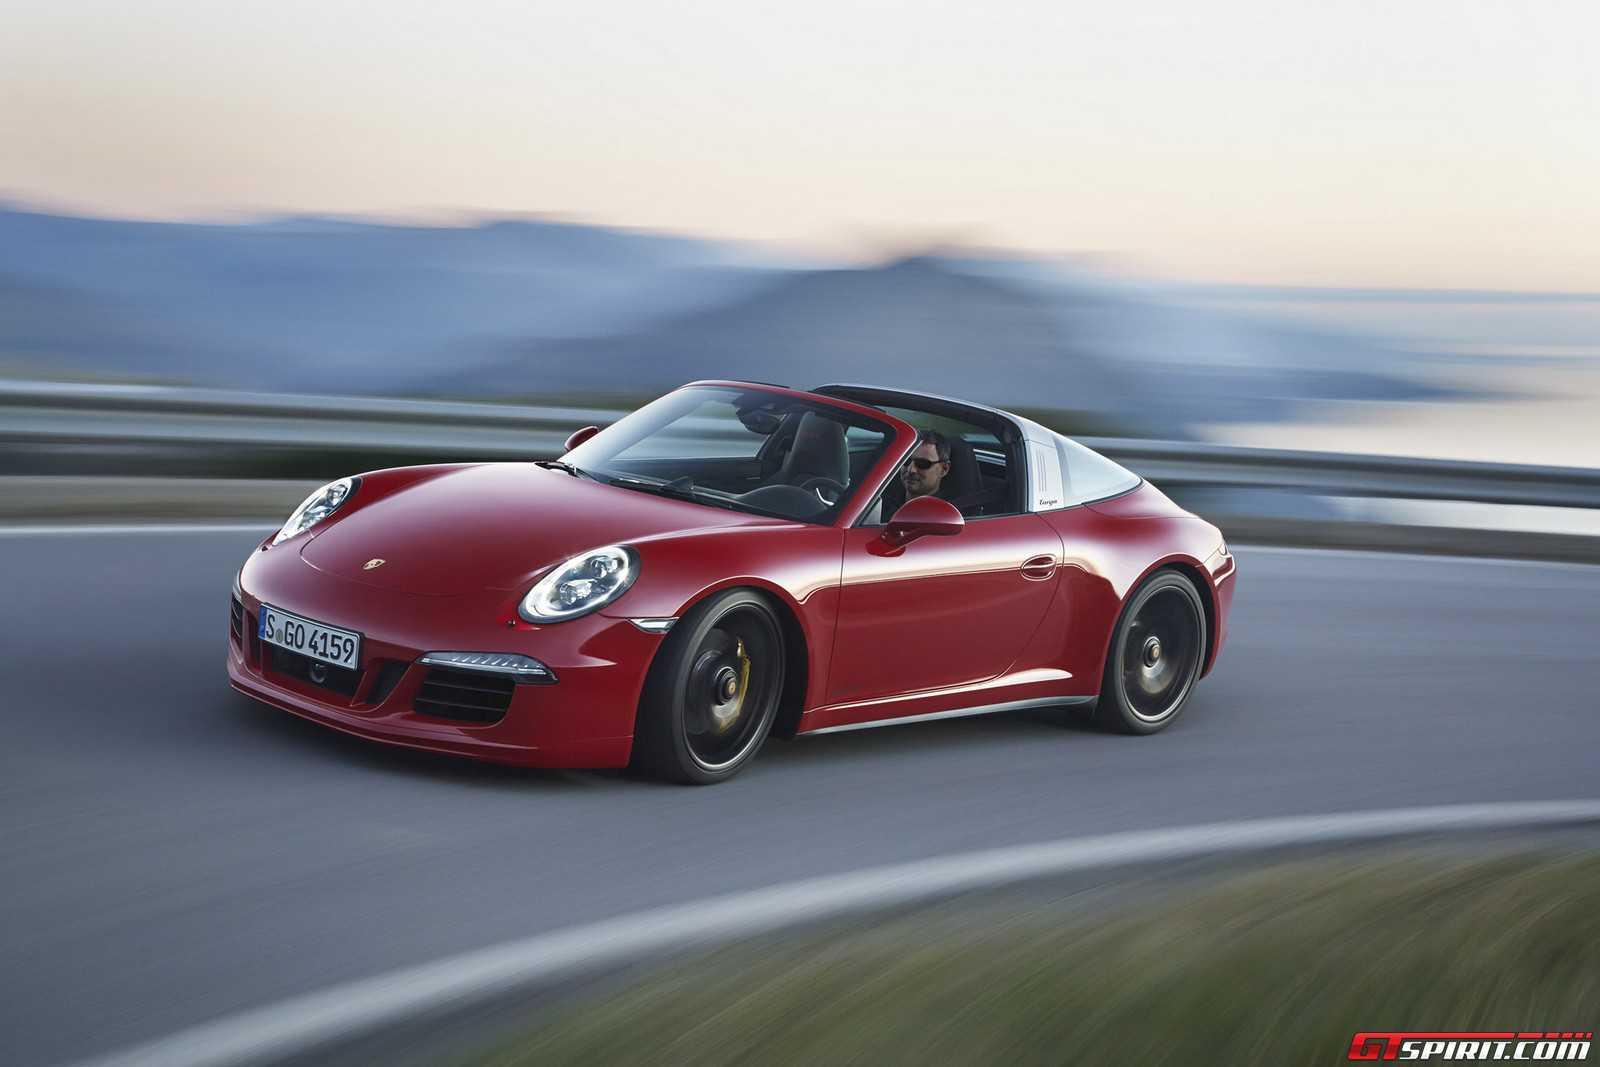 Official 2015 Porsche 911 Targa 4 Gts Gtspirit